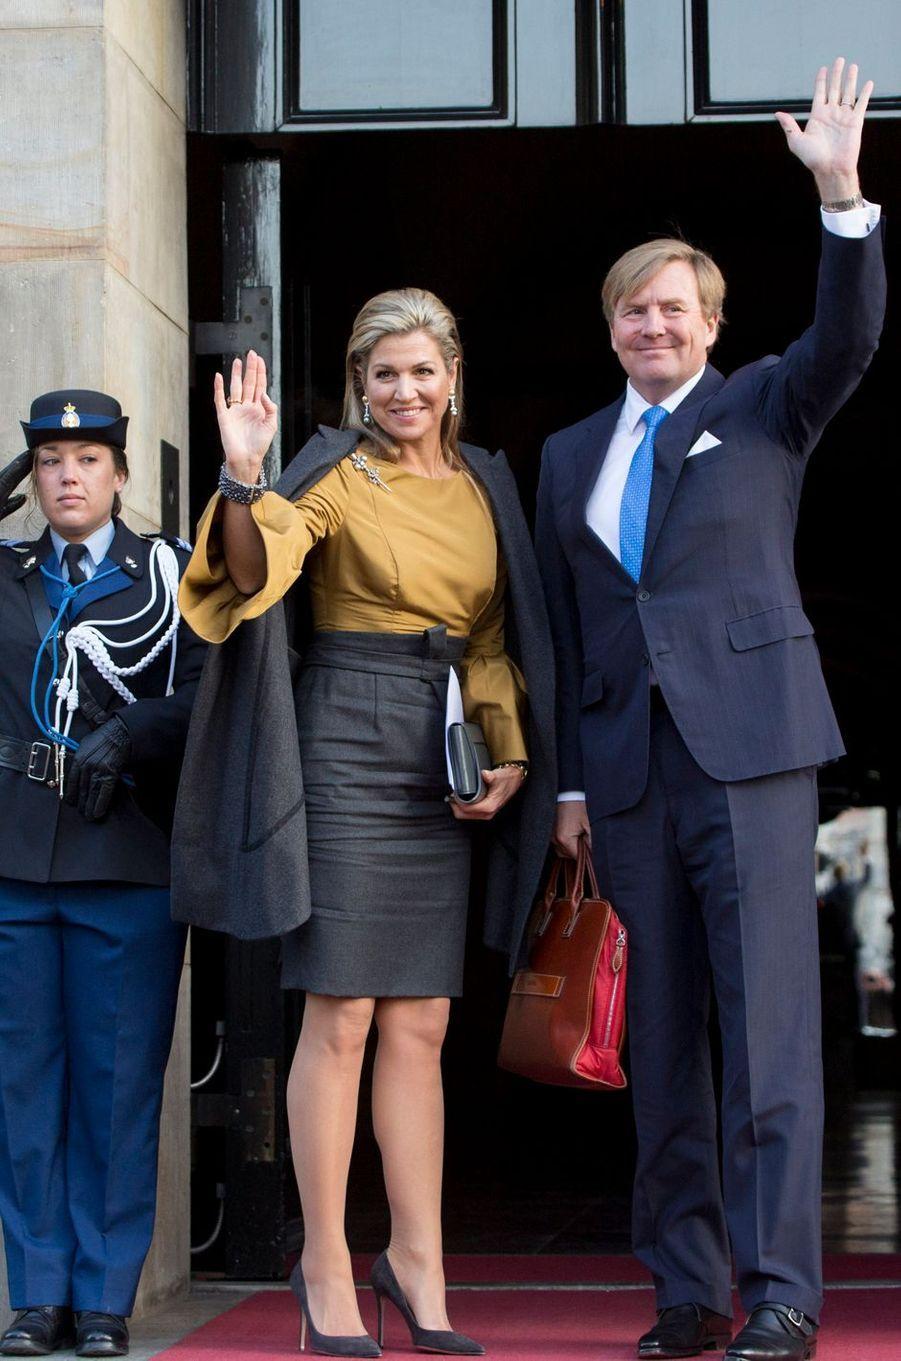 La reine Maxima et le roi Willem-Alexander des Pays-Bas devant le Palais royal à Amsterdam, le 17 janvier 2017